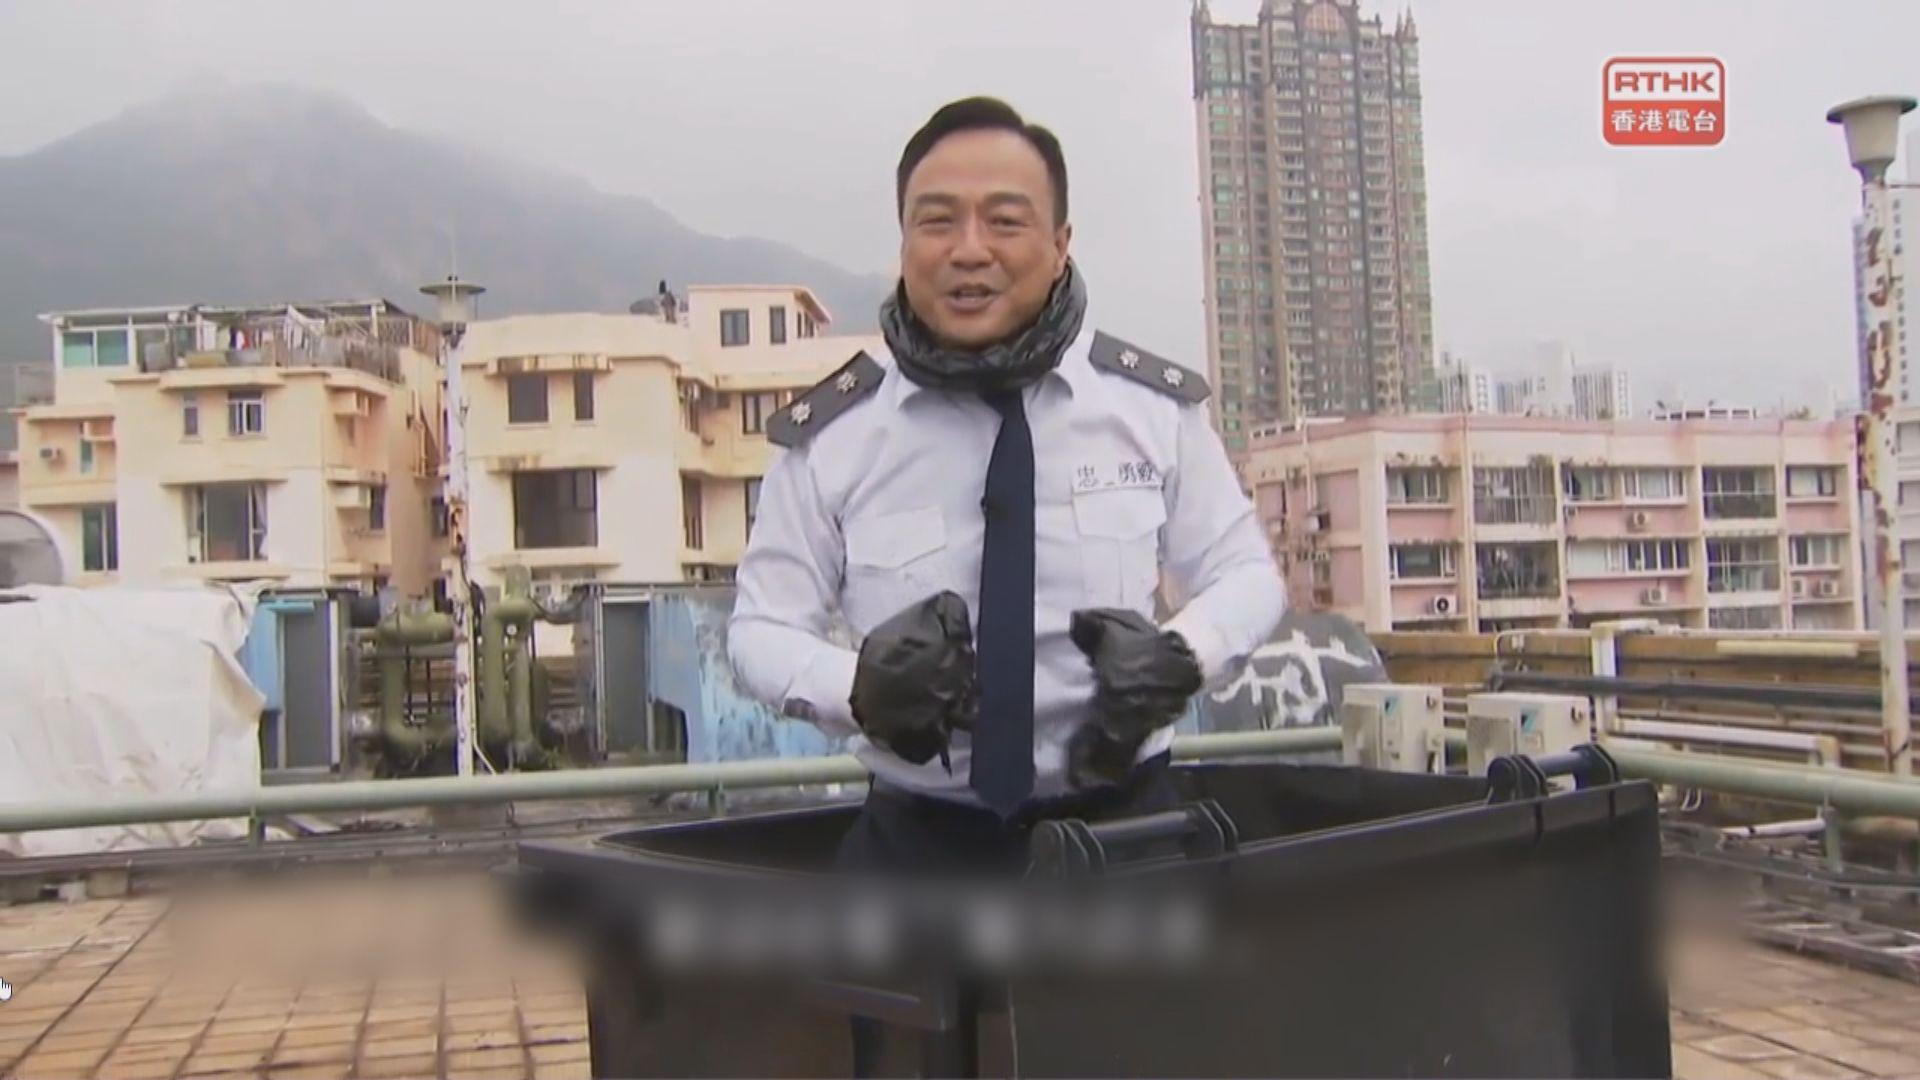 《頭條新聞》被投訴 通訊局向港台發警告